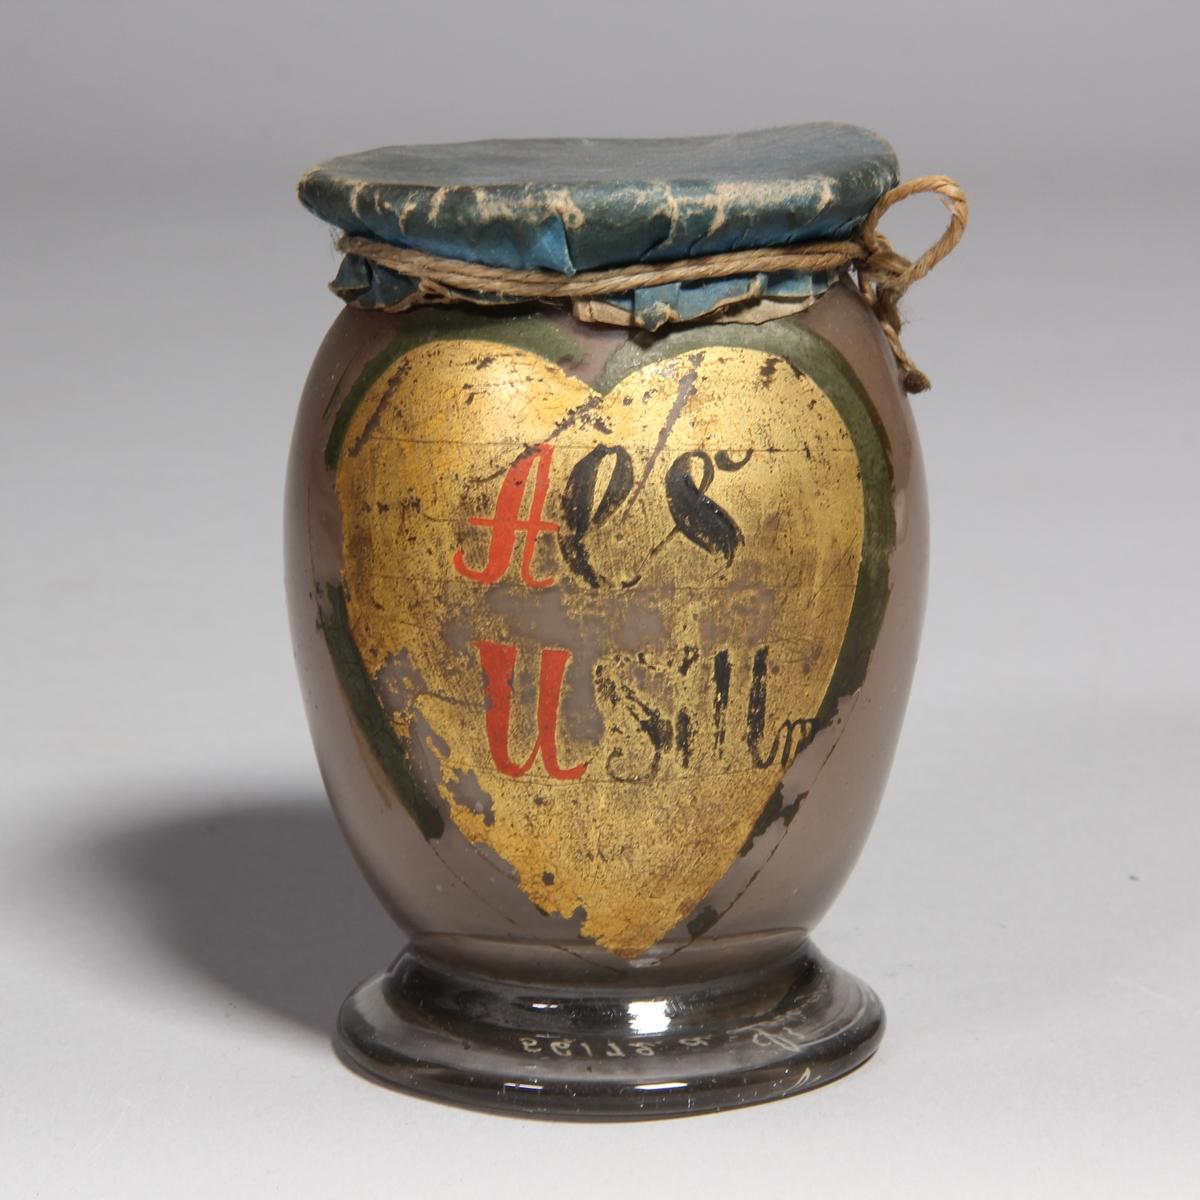 Burk av klart glas. Rundad med utvikt fot, överbundet lock av papper. Två målade etiketter, den ena hjärtformad med text, den andra utan text. Innehåller rester av brunt finfördelat pulver.